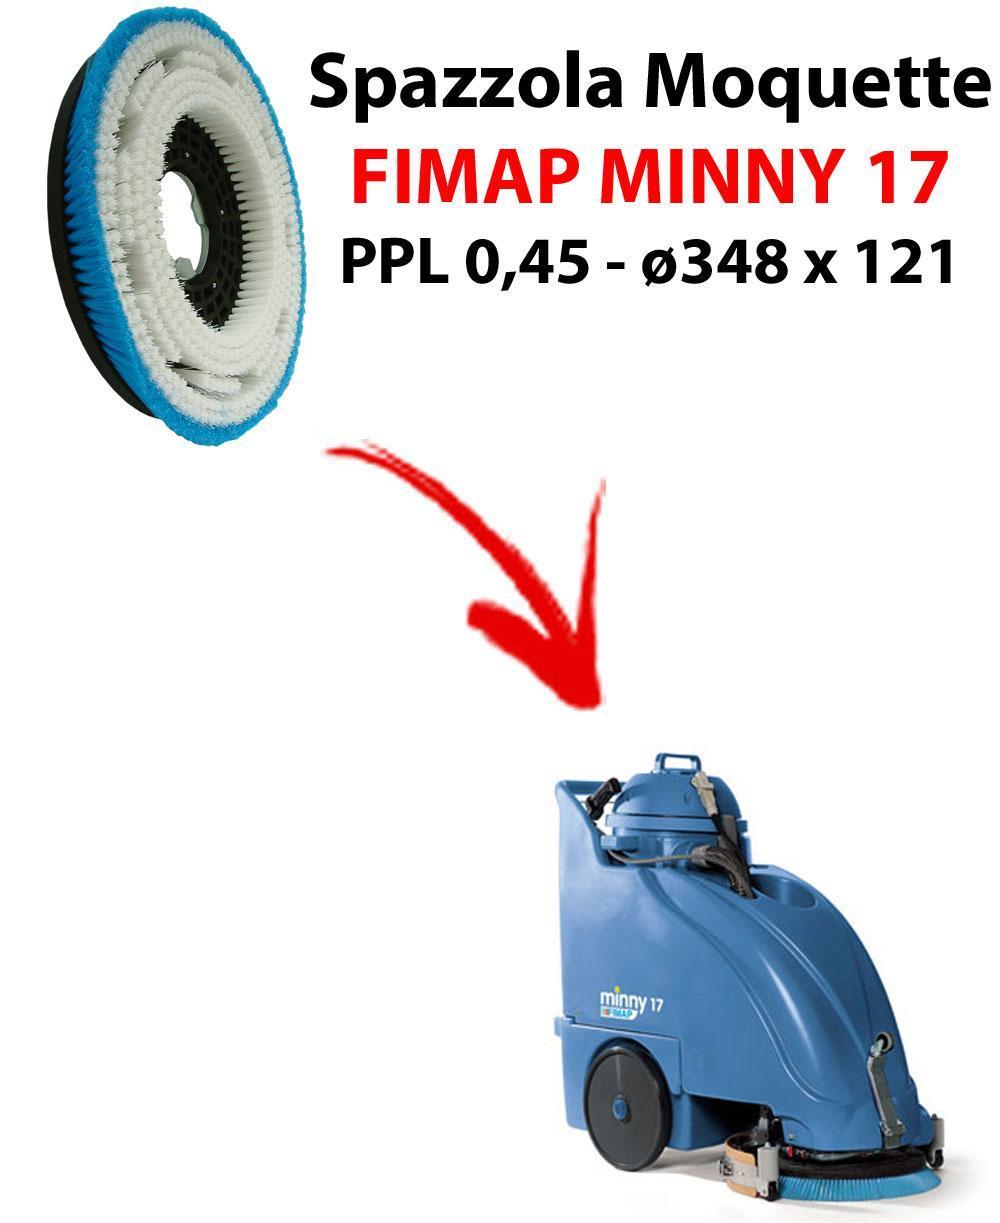 BROSSE MOQUETTE  pour autolaveuses FIMAP MINNY 17. Reference: PPL 0,45 C/FLANGIA diamétre 348 X 121